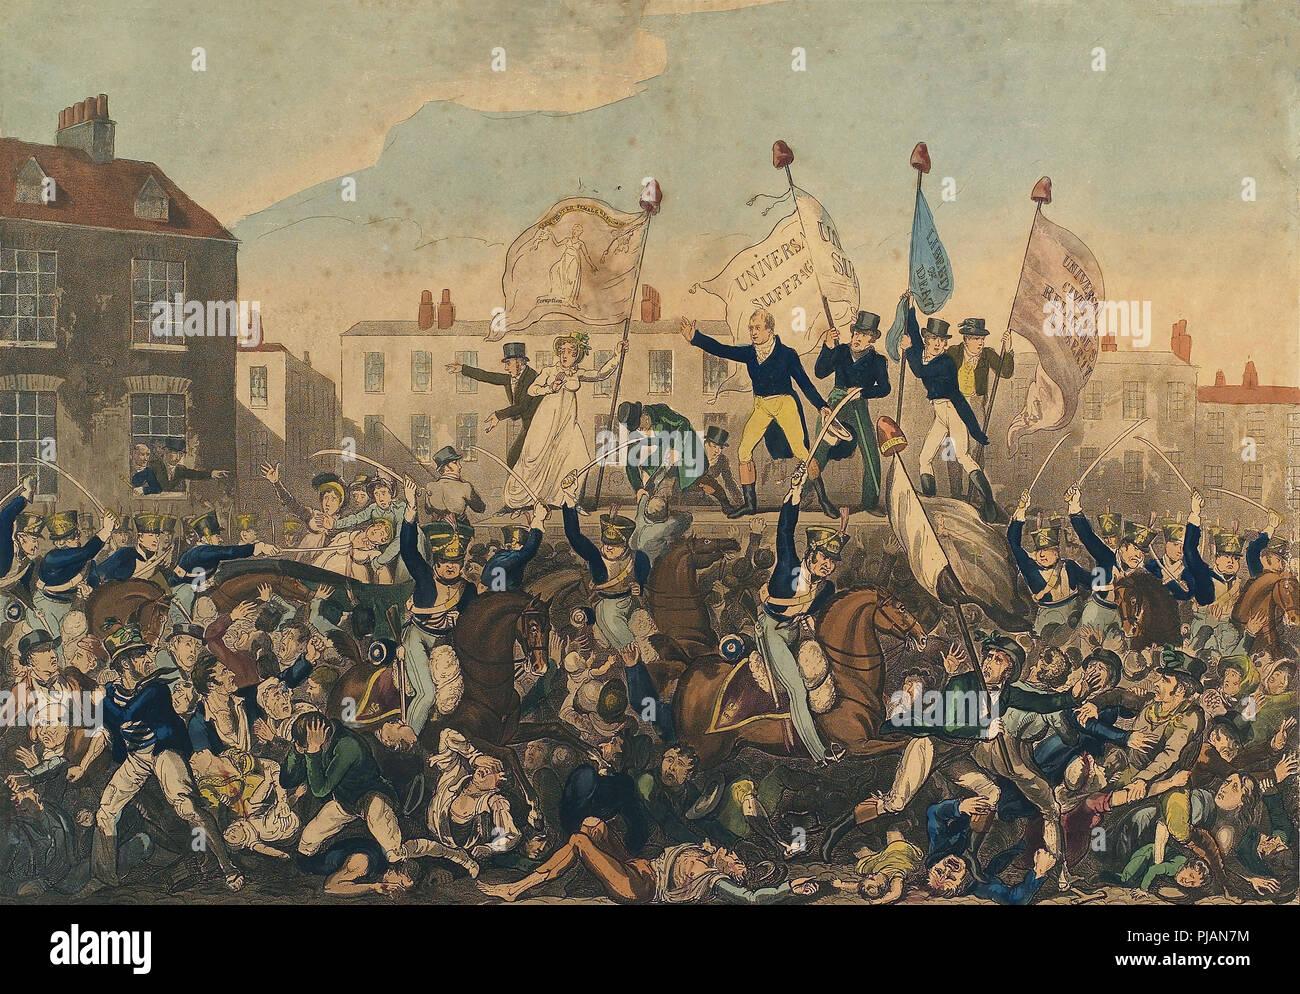 La masacre de Peterloo. La masacre tuvo lugar el 16 de agosto de 1819 en San Pedro el campo, Manchester, Inglaterra, cuando la 15ª Hussars, un regimiento de caballería, cargada con sables arrastrados a una muchedumbre desarmada que exigen la reforma de la representación parlamentaria, matando a 15 e hiriendo a un estimado de 500-plus. Grabado publicado por Richard Carlile, 1 de octubre de 1819. Foto de stock